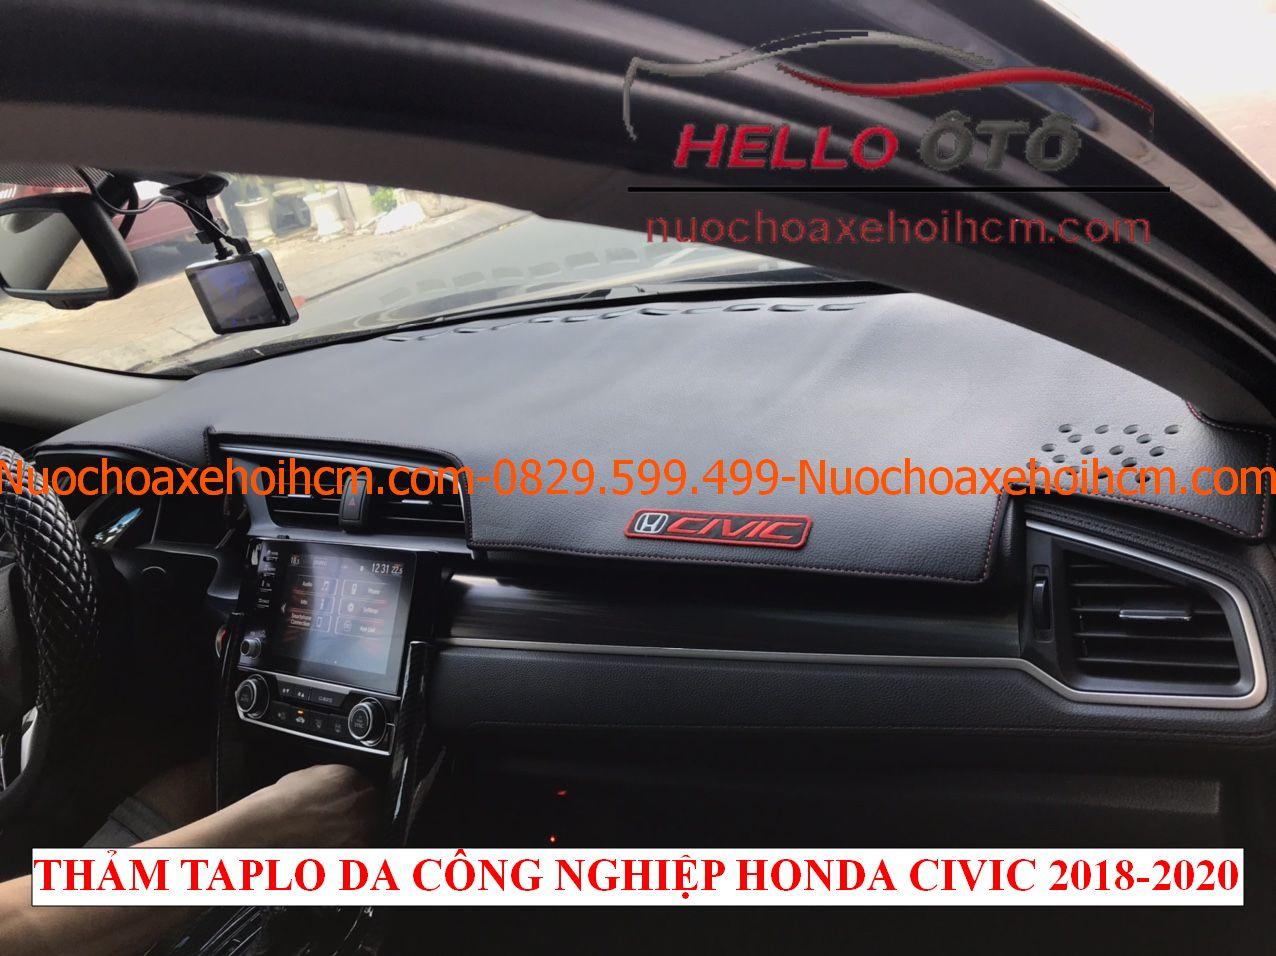 Thảm taplo da công nghiệp chống nắng Honda Civic 2018-2020